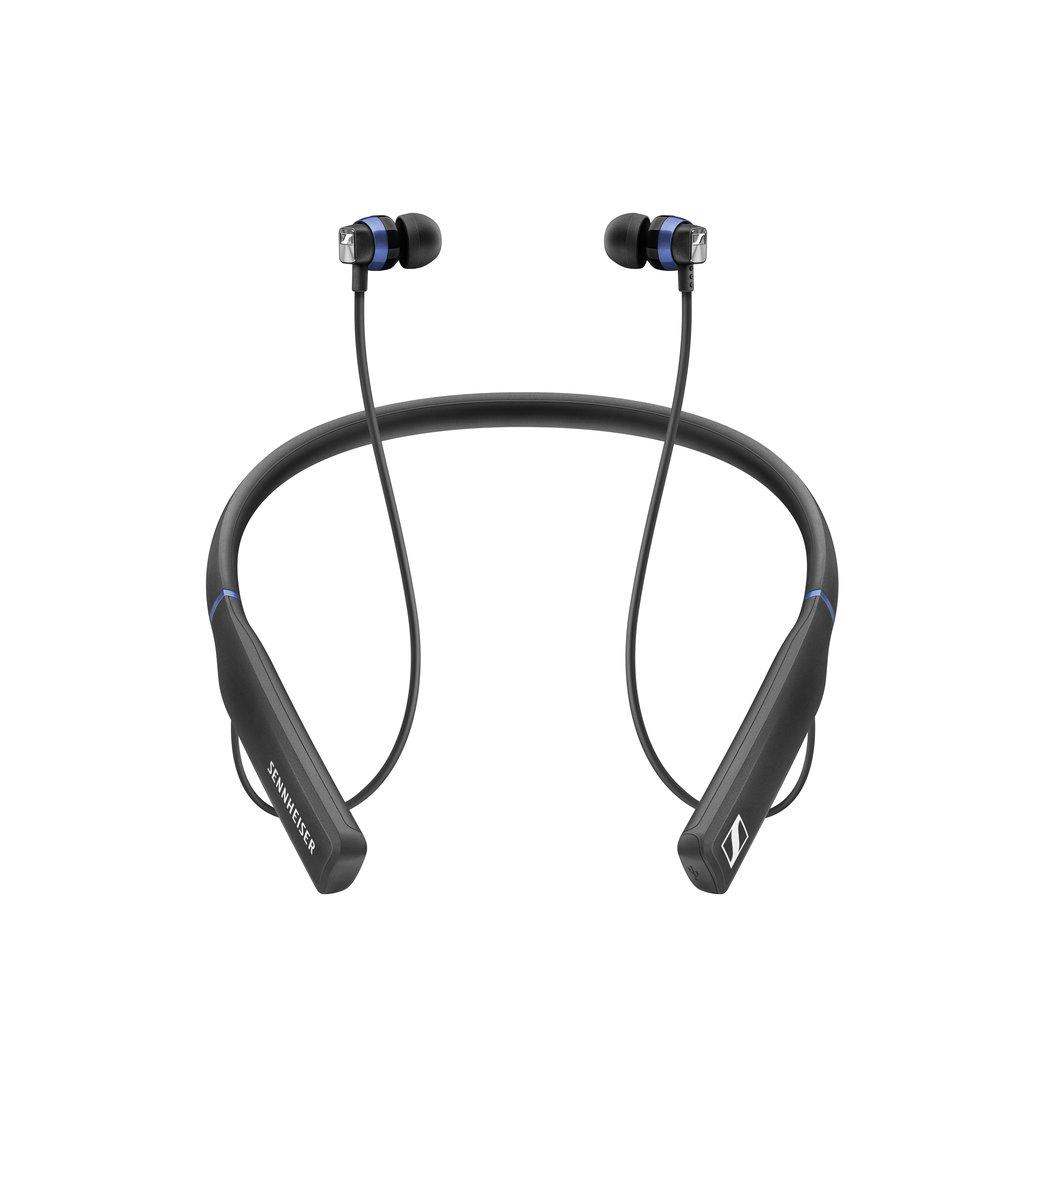 CX 7.00BT In-Ear Wireless